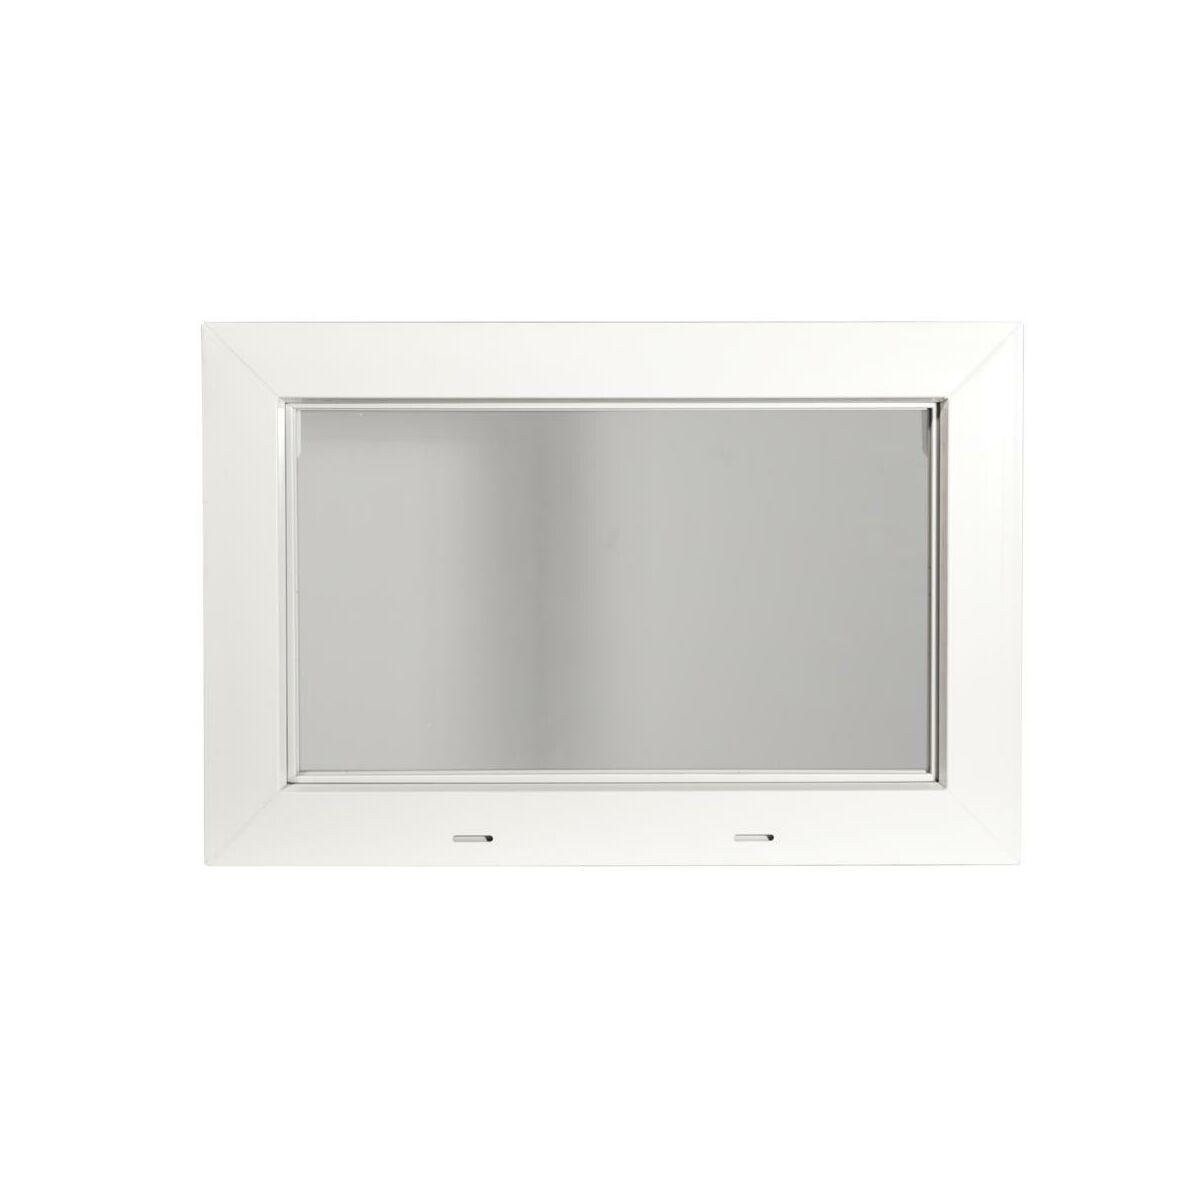 Okno Gospodarcze Kipp Biale 600 X 400 Mm Aco Okna Pvc W Atrakcyjnej Cenie W Sklepach Leroy Merlin